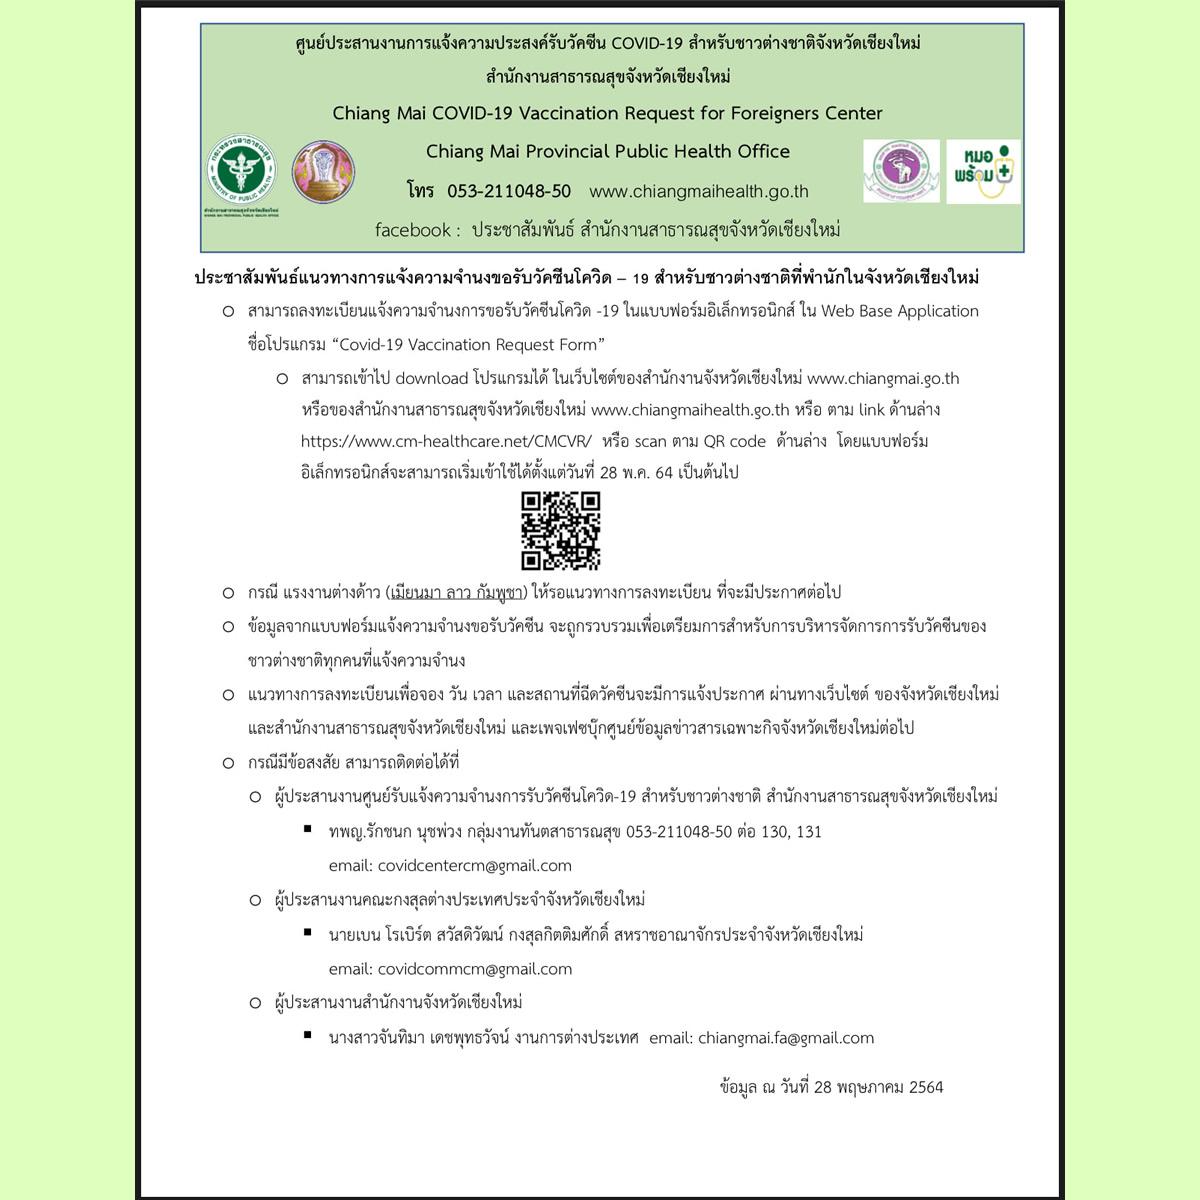 チェンマイ県、在住外国人のワクチン接種登録が可能に